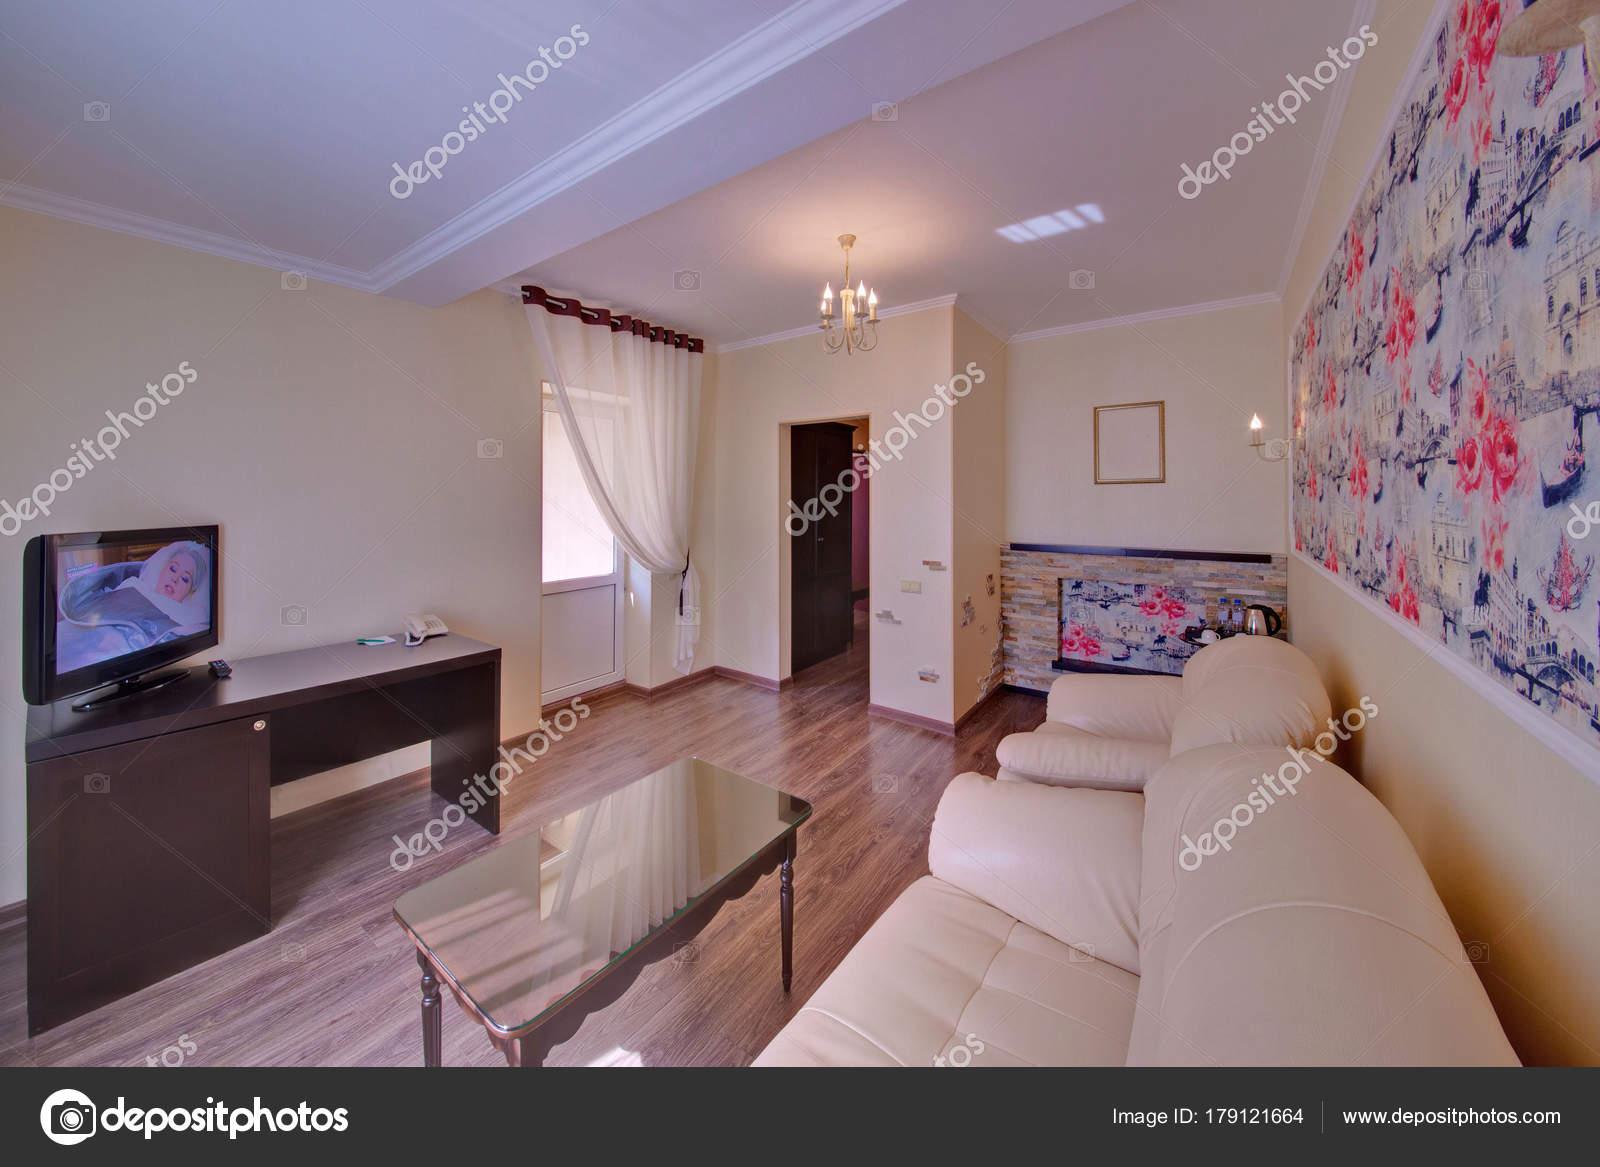 Weiße Polstermöbel Eine Helle Salon Mit Ausgang Auf Einen Balkon